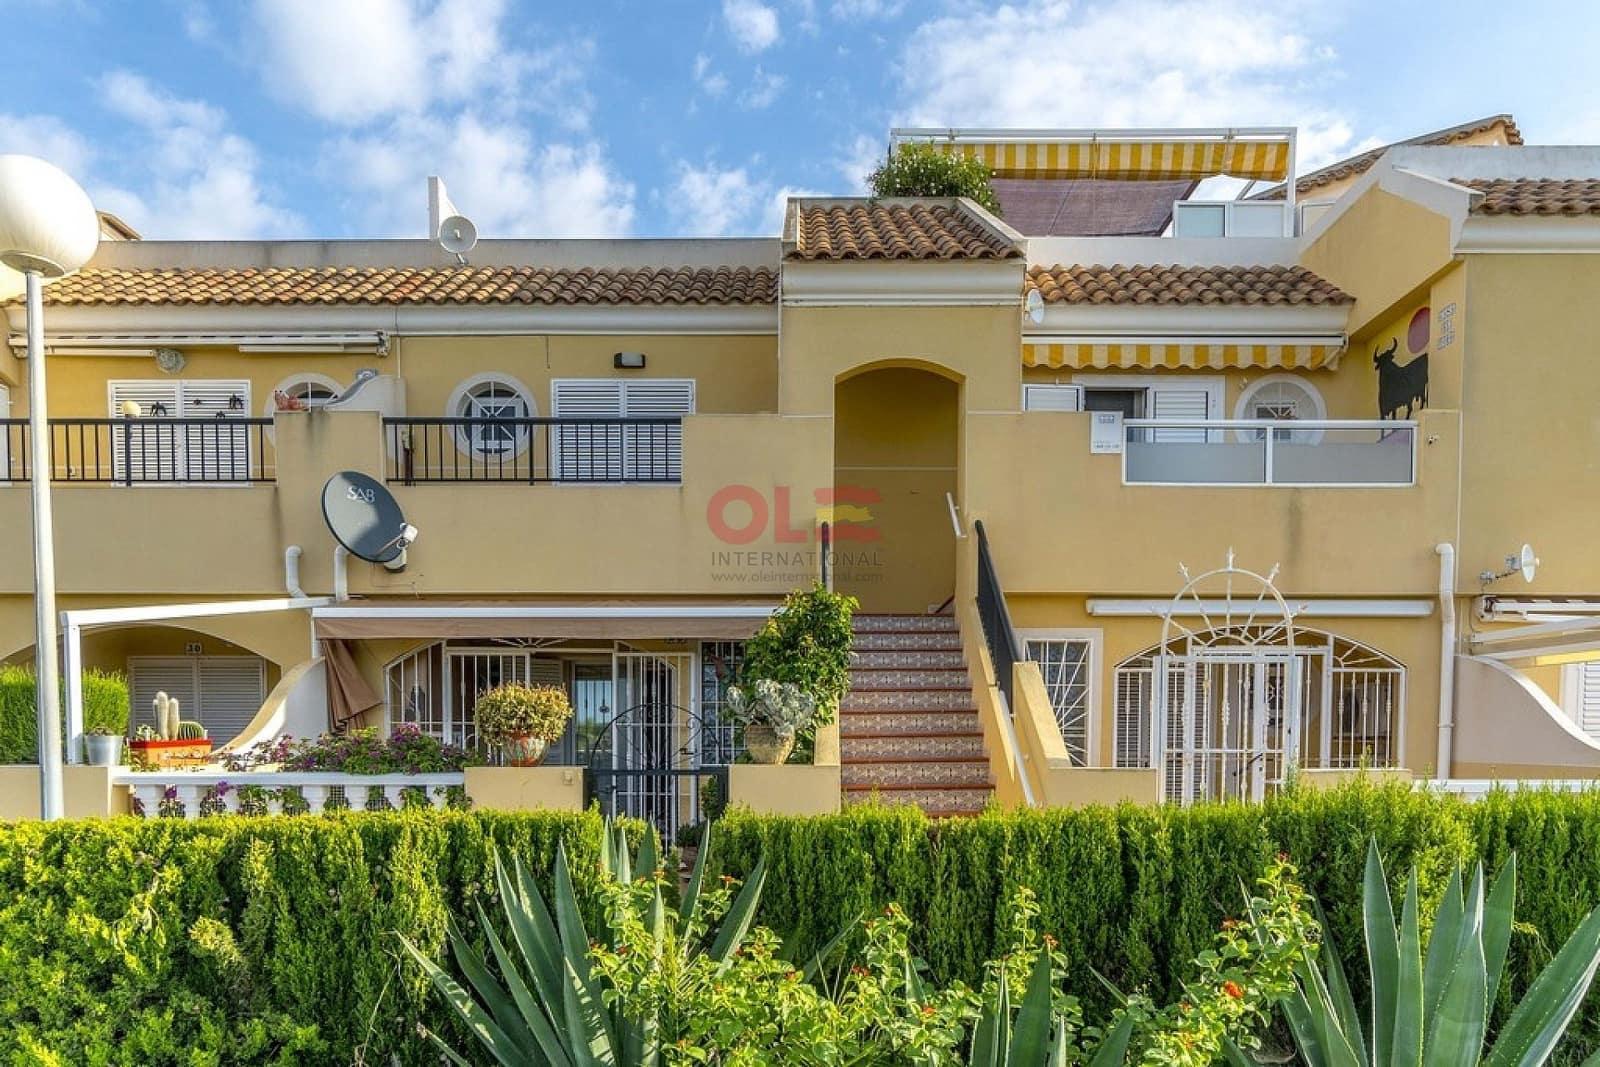 2 bedroom Apartment for sale in La Mata - € 109,500 (Ref: 5235111)